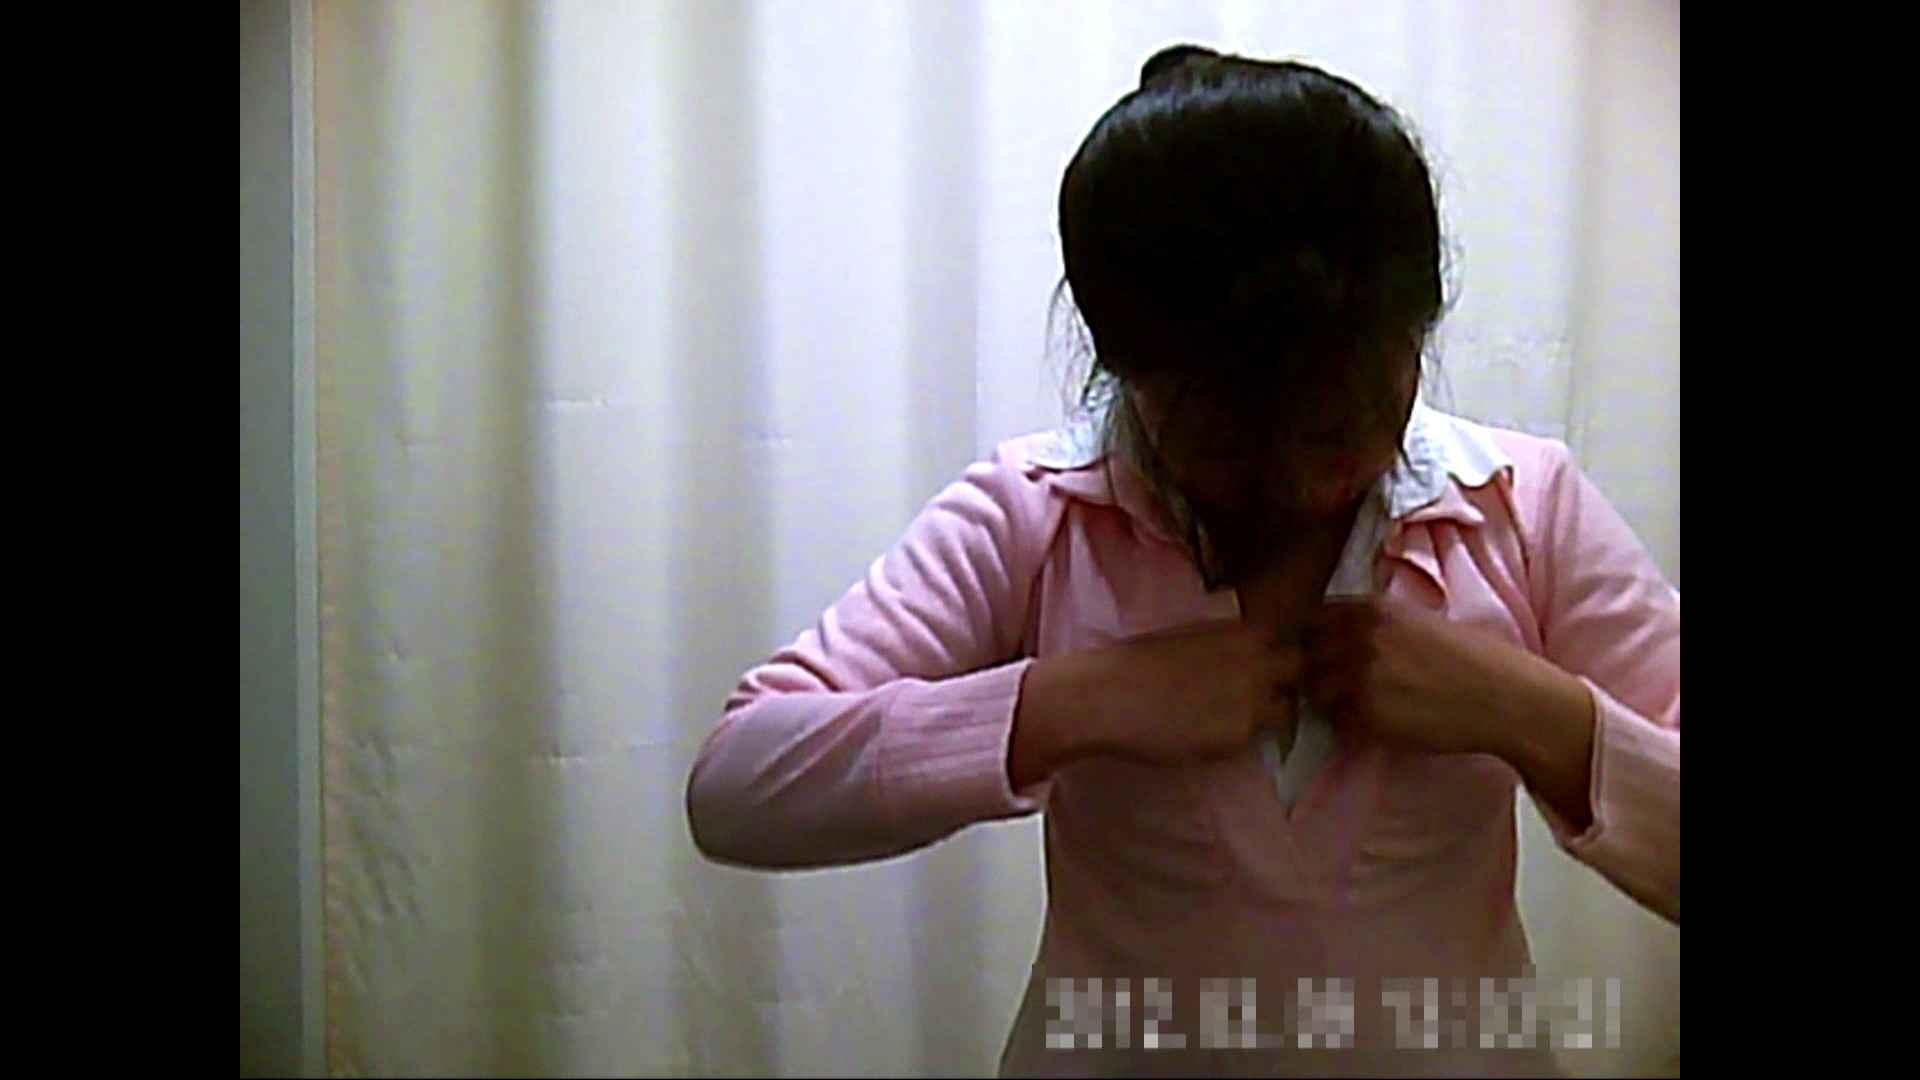 巨乳 乳首:元医者による反抗 更衣室地獄絵巻 vol.030:怪盗ジョーカー